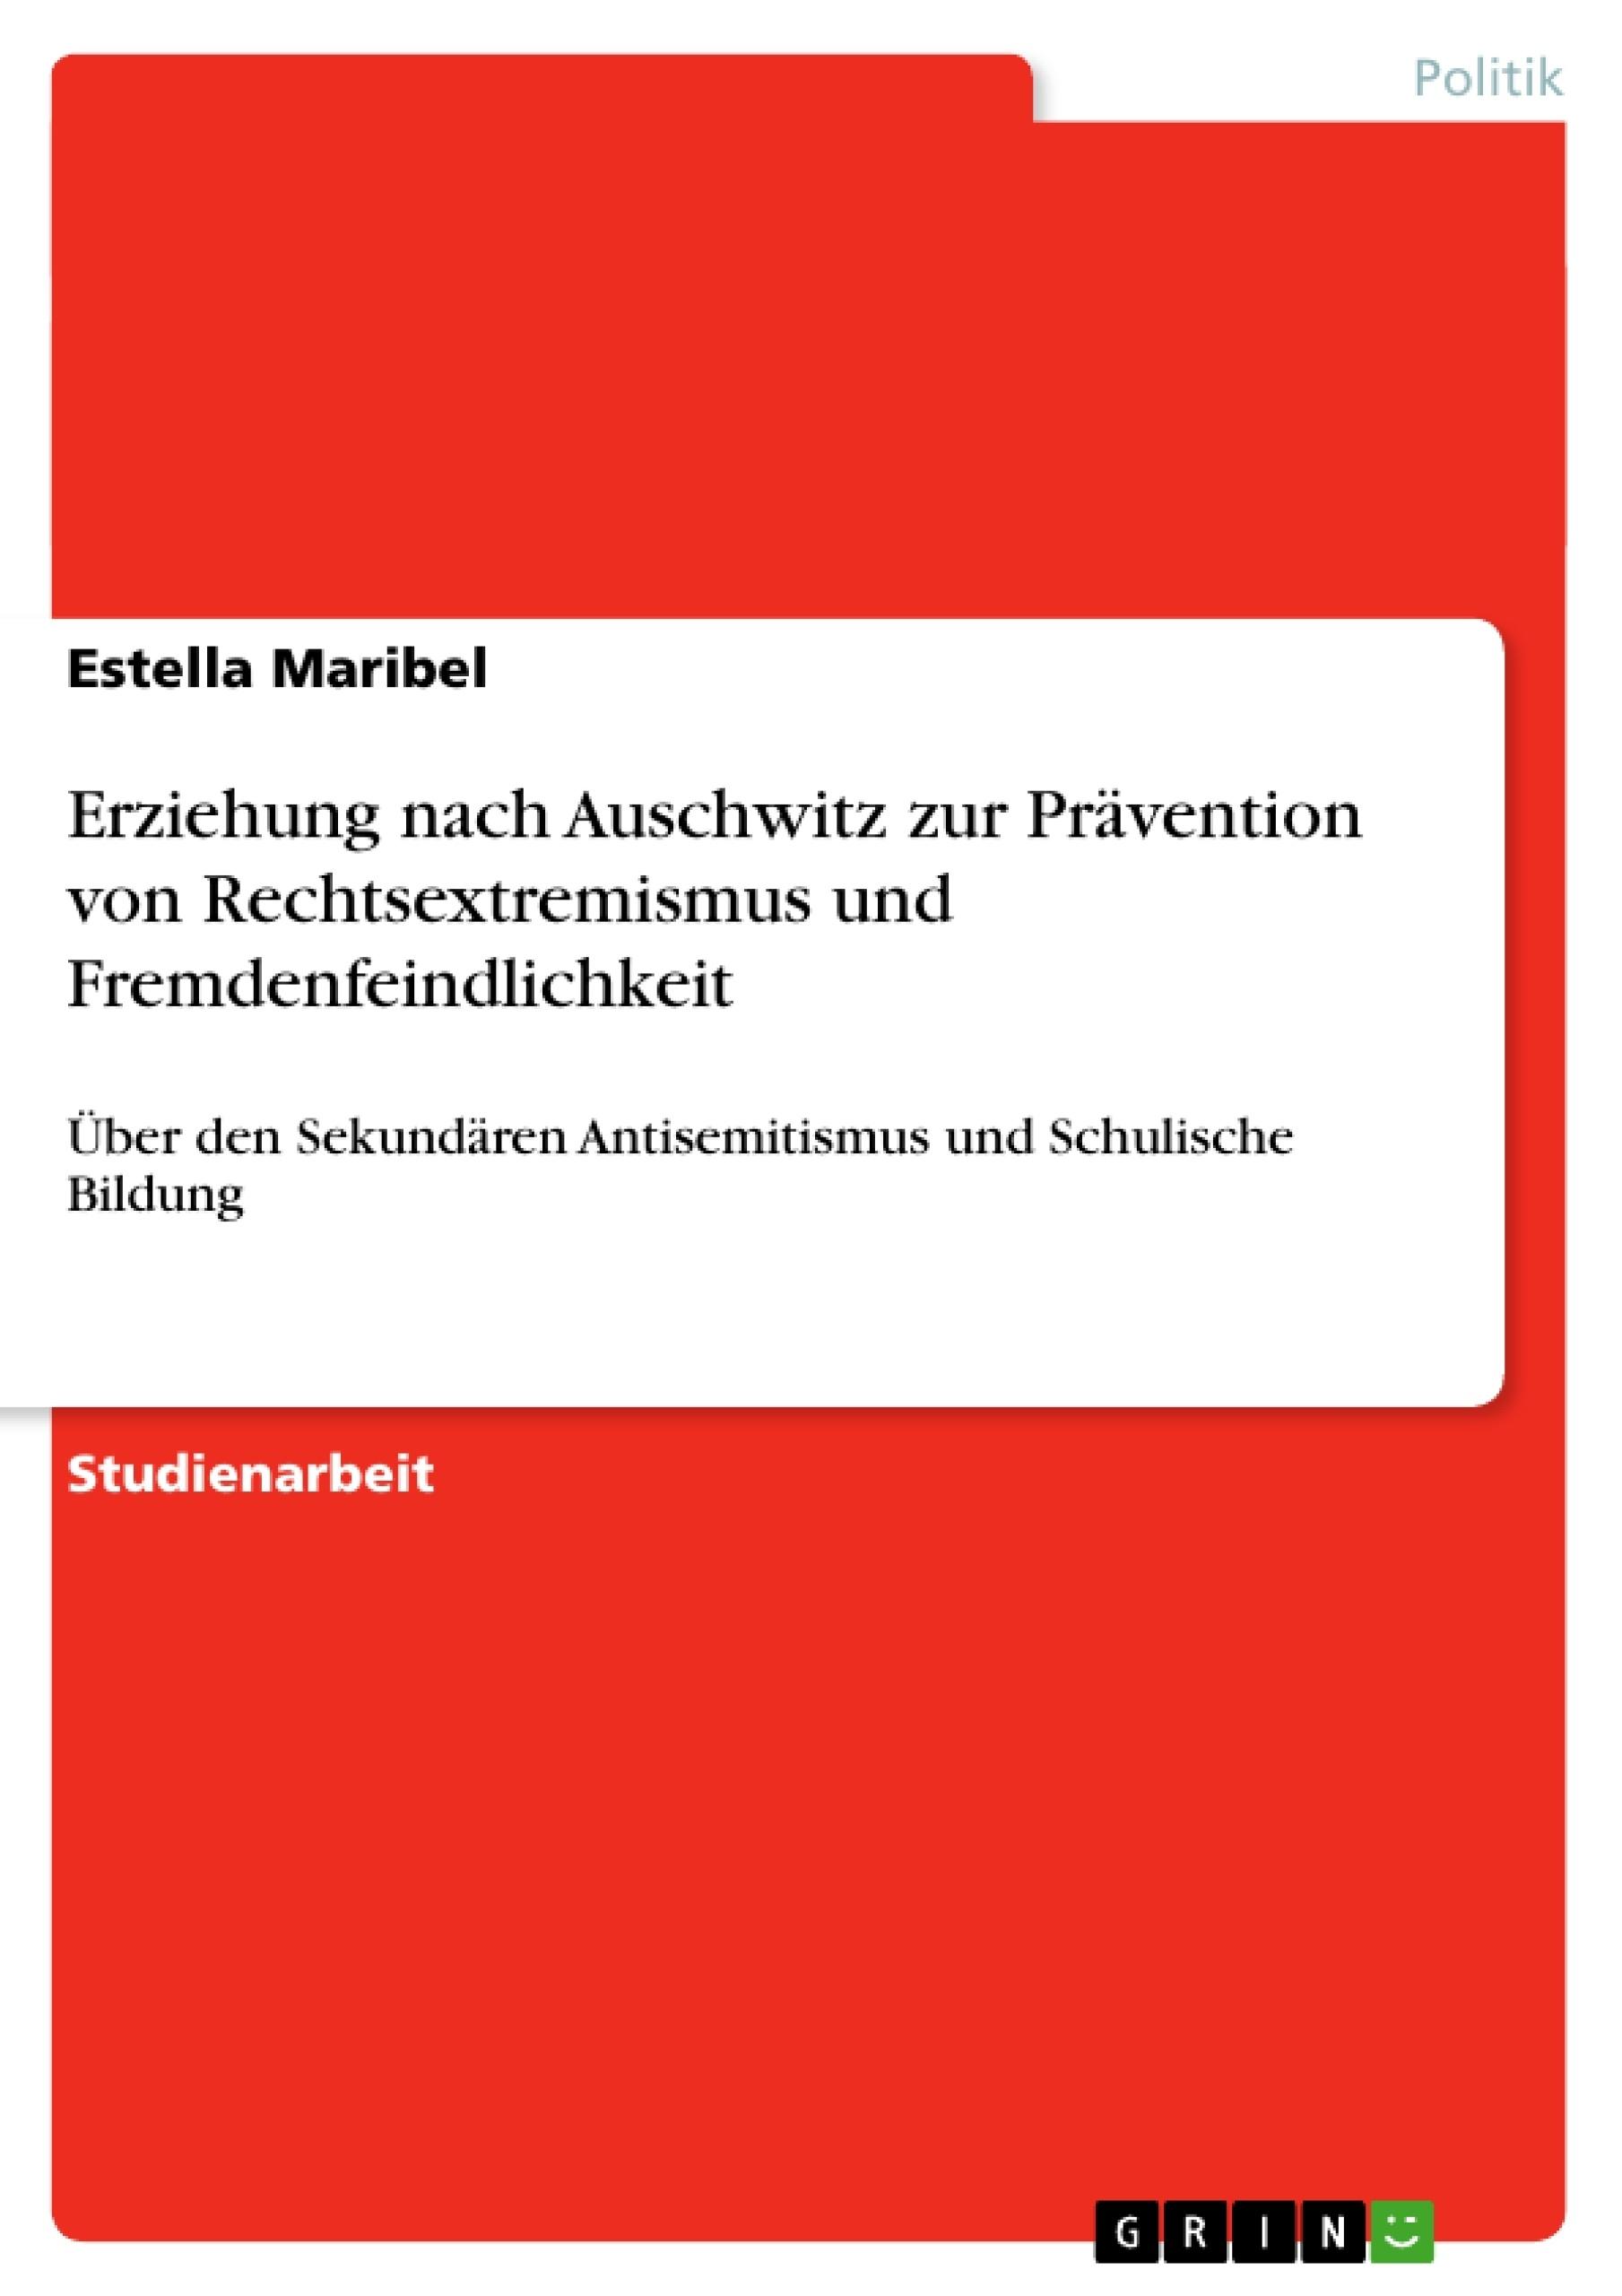 Titel: Erziehung nach Auschwitz zur Prävention von Rechtsextremismus und Fremdenfeindlichkeit